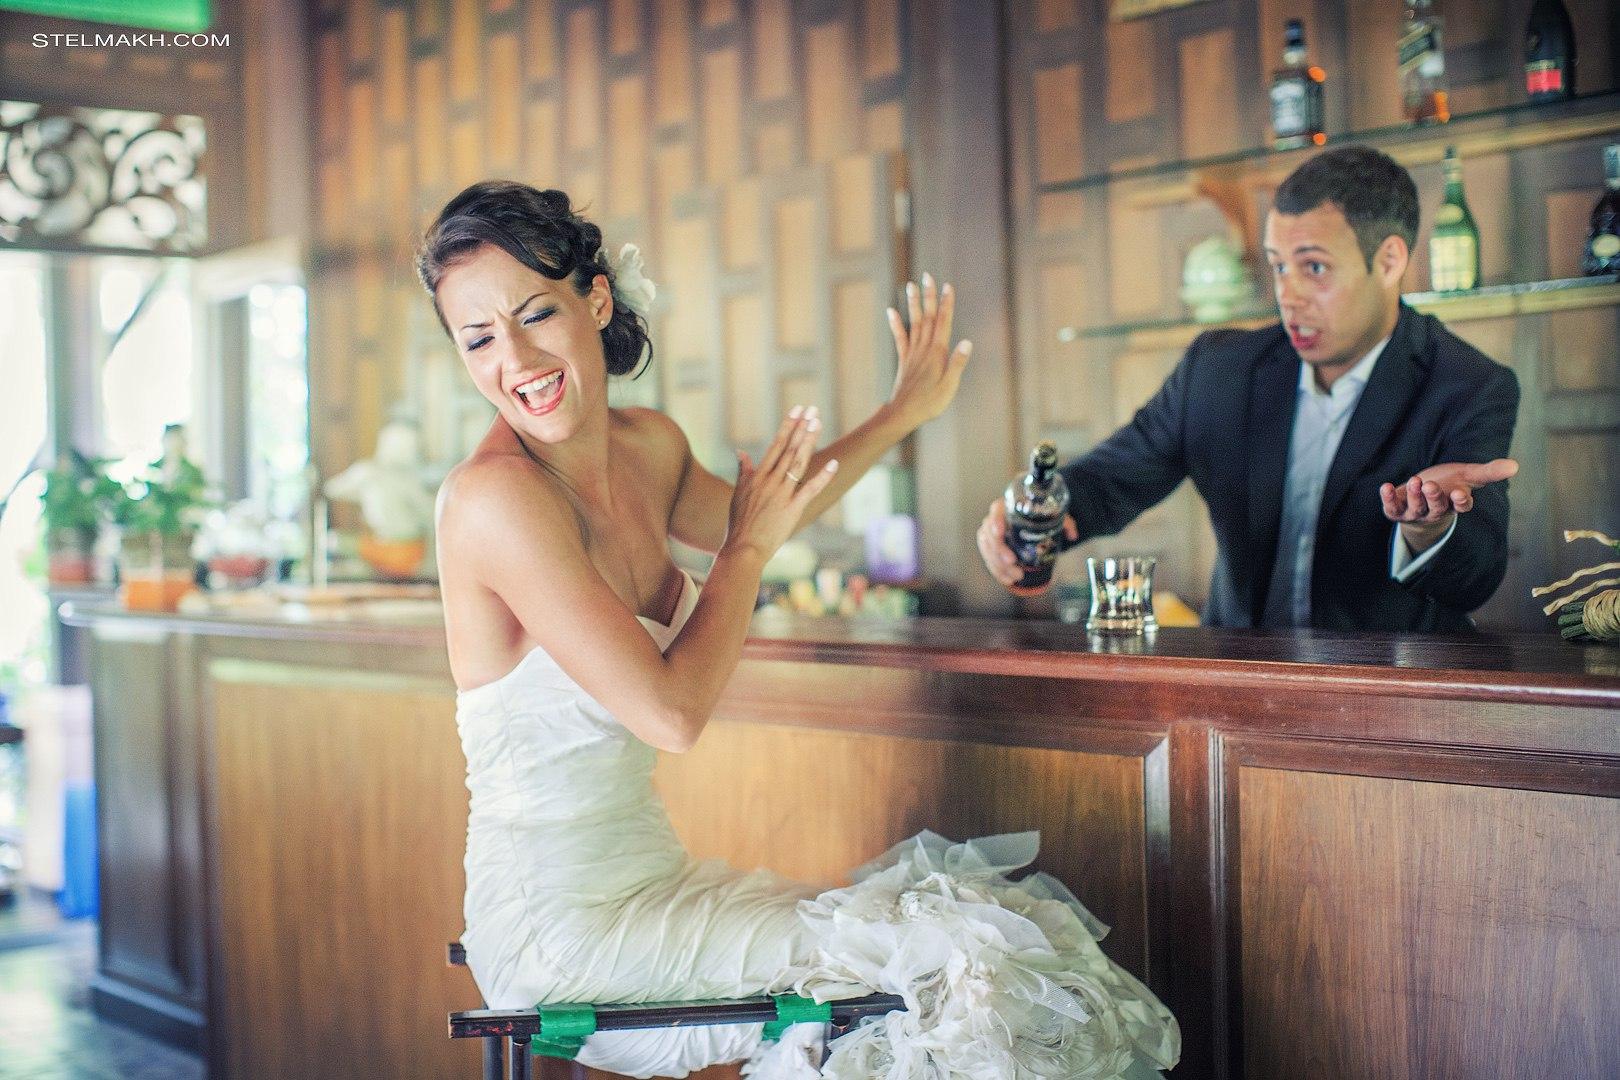 WrRldPw4uqI - Свадебный букет: портбукетница или обычный вариант